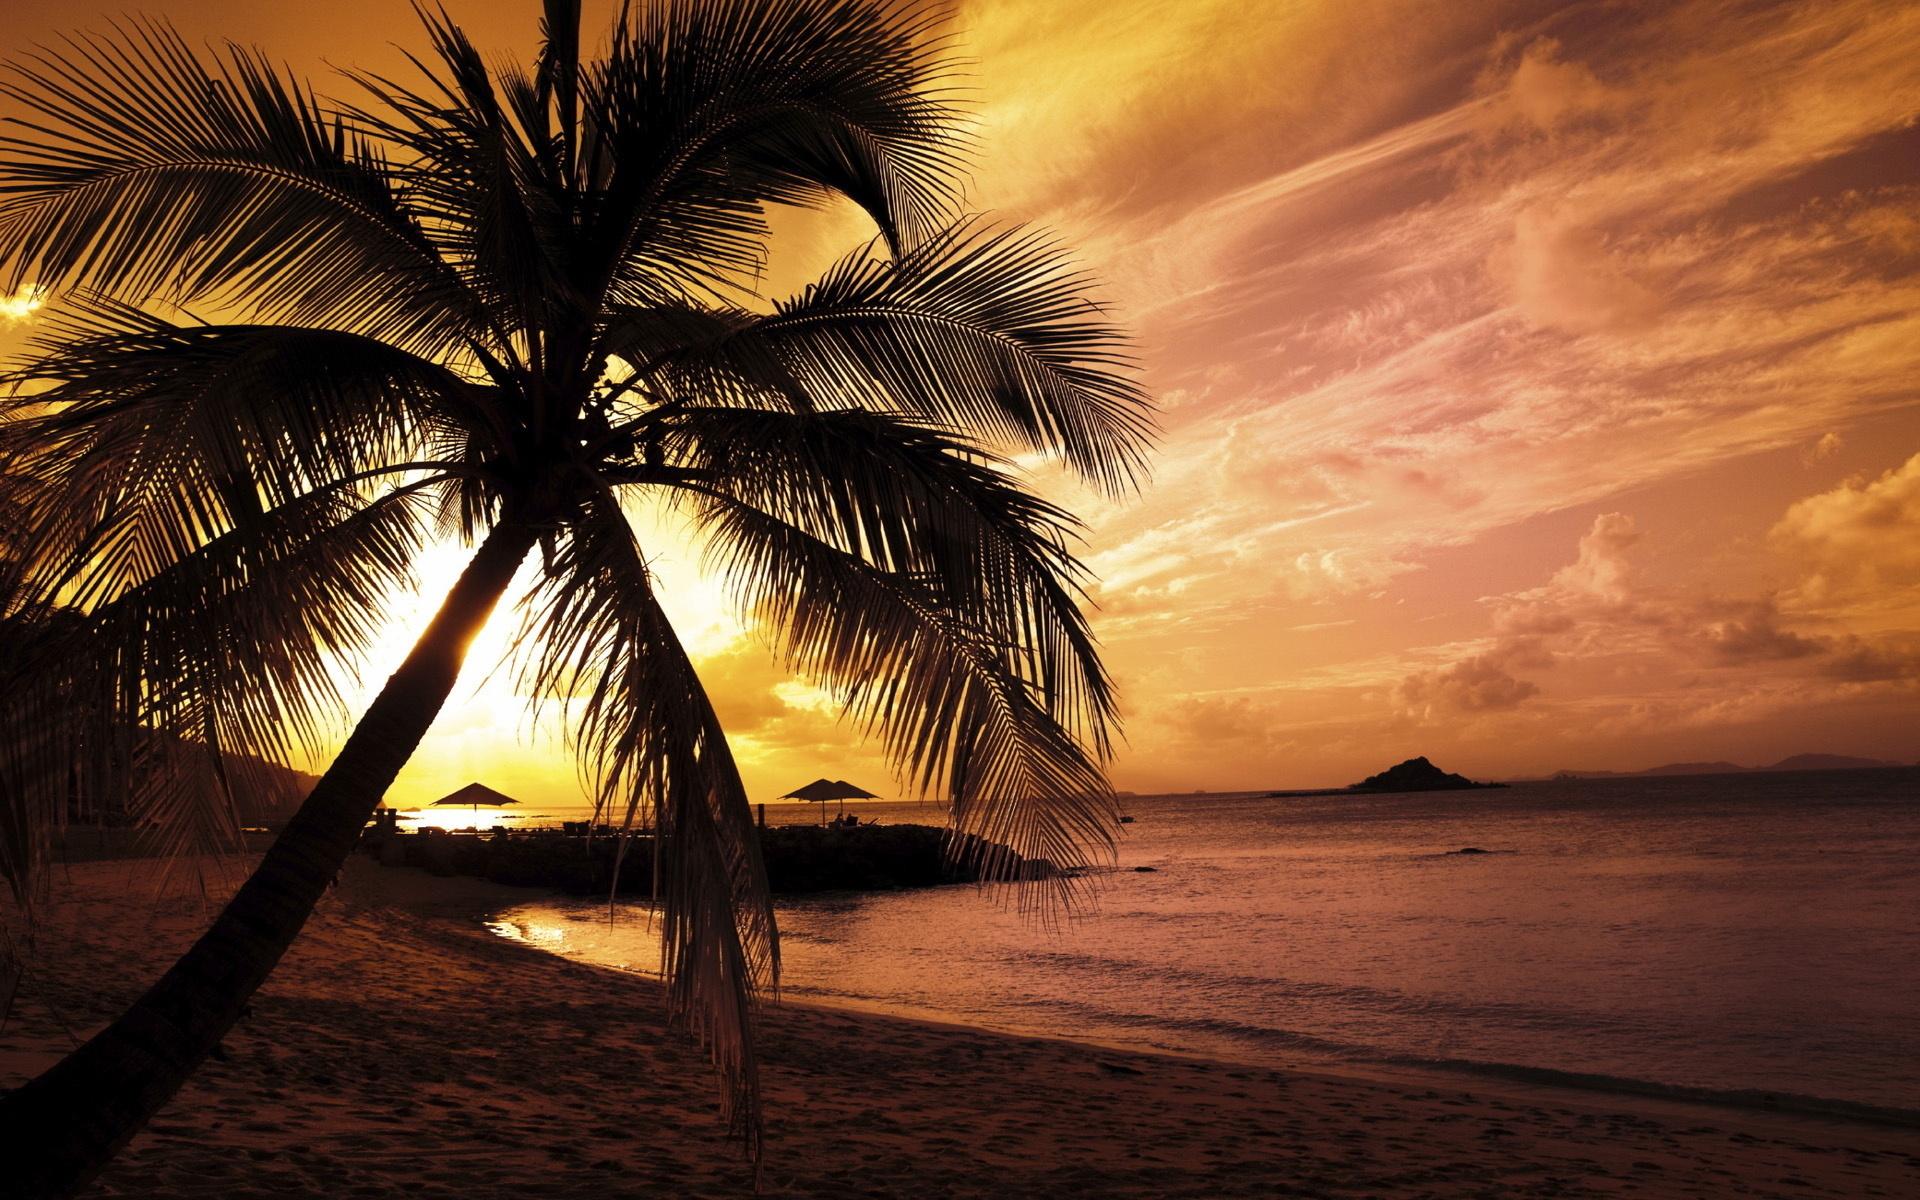 31957 papel de parede 540x960 em seu telefone gratuitamente, baixe imagens Paisagem, Pôr Do Sol, Praia, Palms 540x960 em seu celular